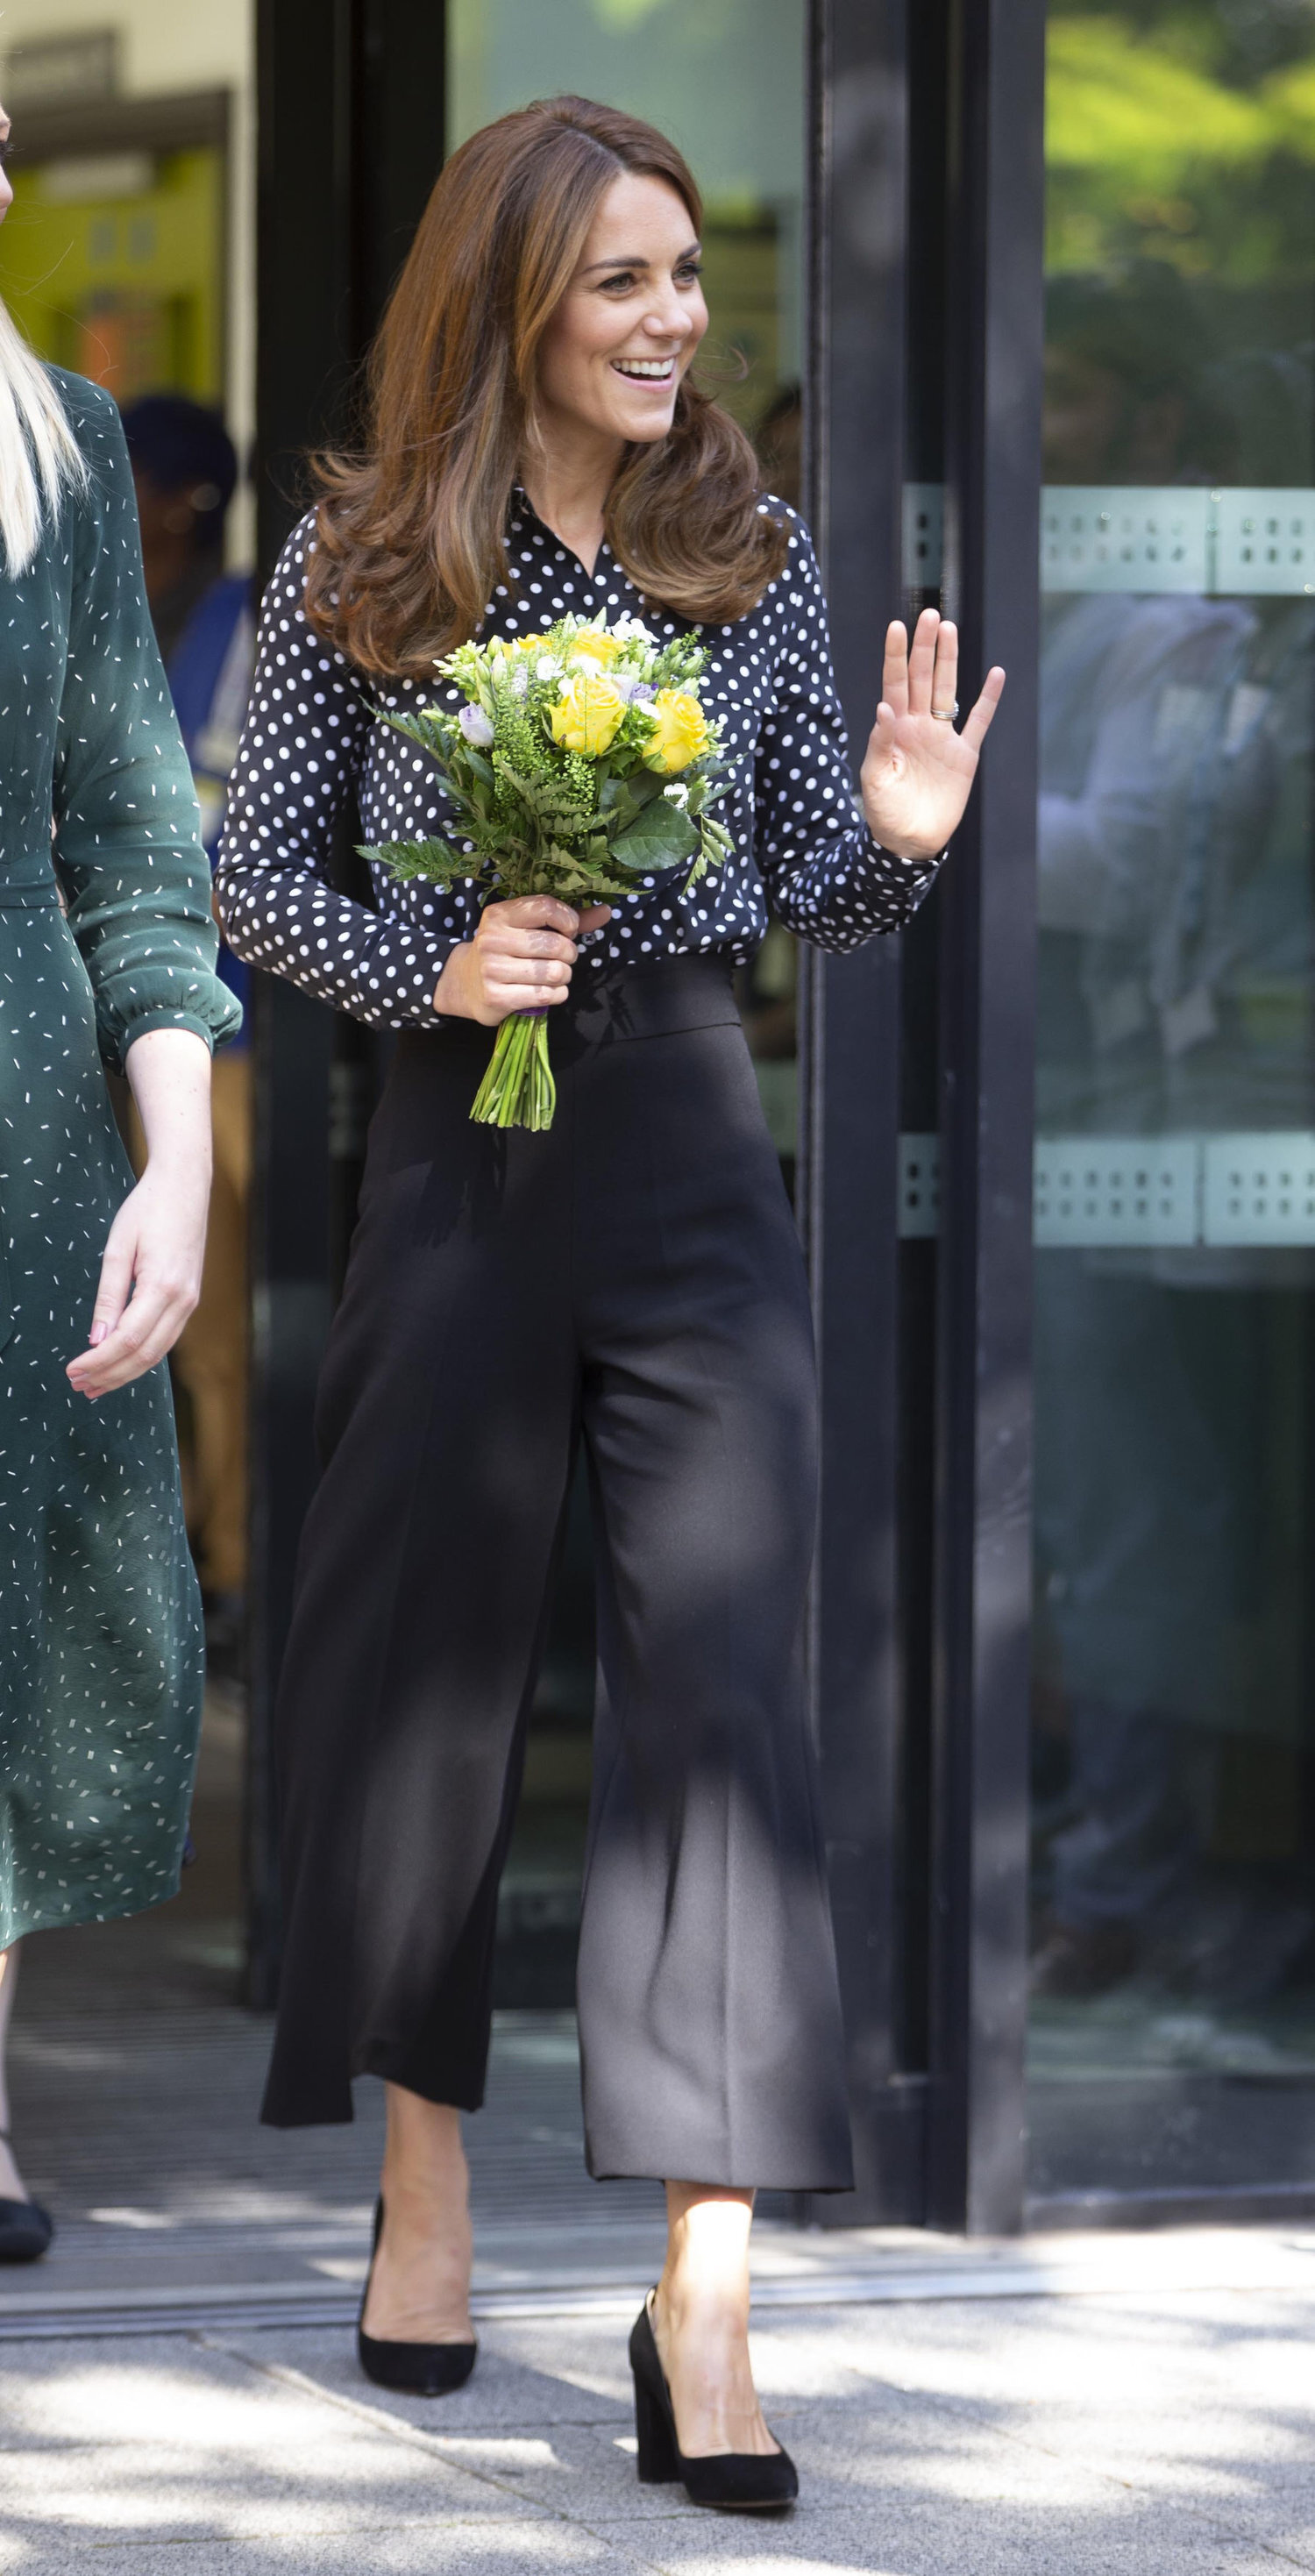 """19. September 2019   Herzogin Kate bringt es auf den Punkt! Polka Dots sind immer noch voll im Trend. Bei ihrem Besuch des """"Sunshine House Children and Young People's Health and Development Centre"""" in London trug die Britin eine Hose von  Zara  und eine gepunktete Bluse von  Equipment.   © picture alliance / AP Photo"""